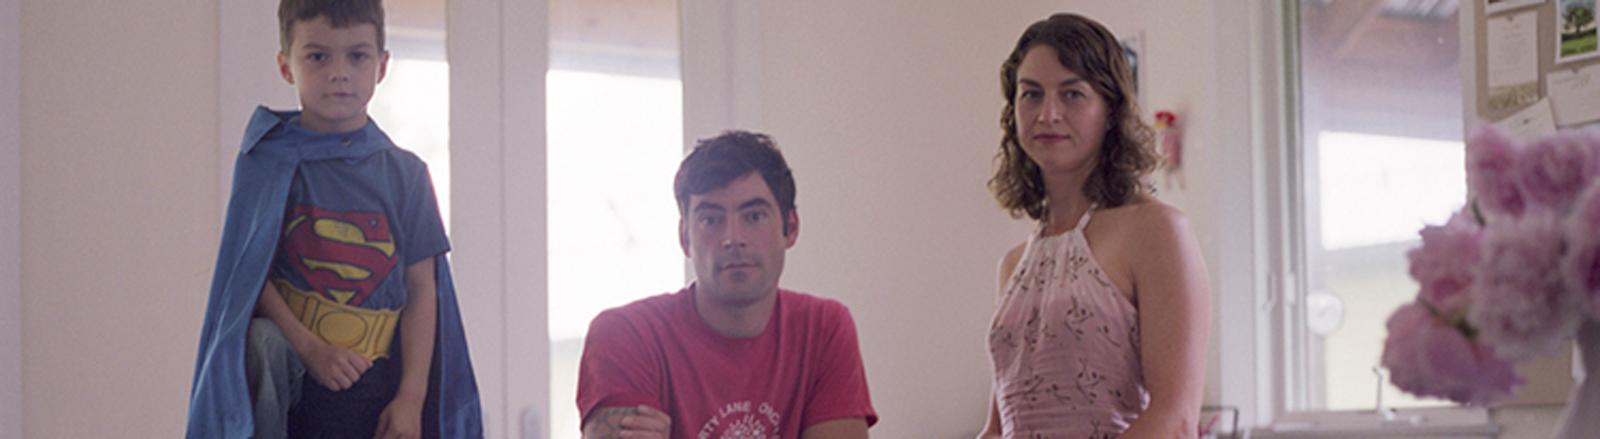 Ein Junge im Superman-Anzug steht neben Vater und Mutter.